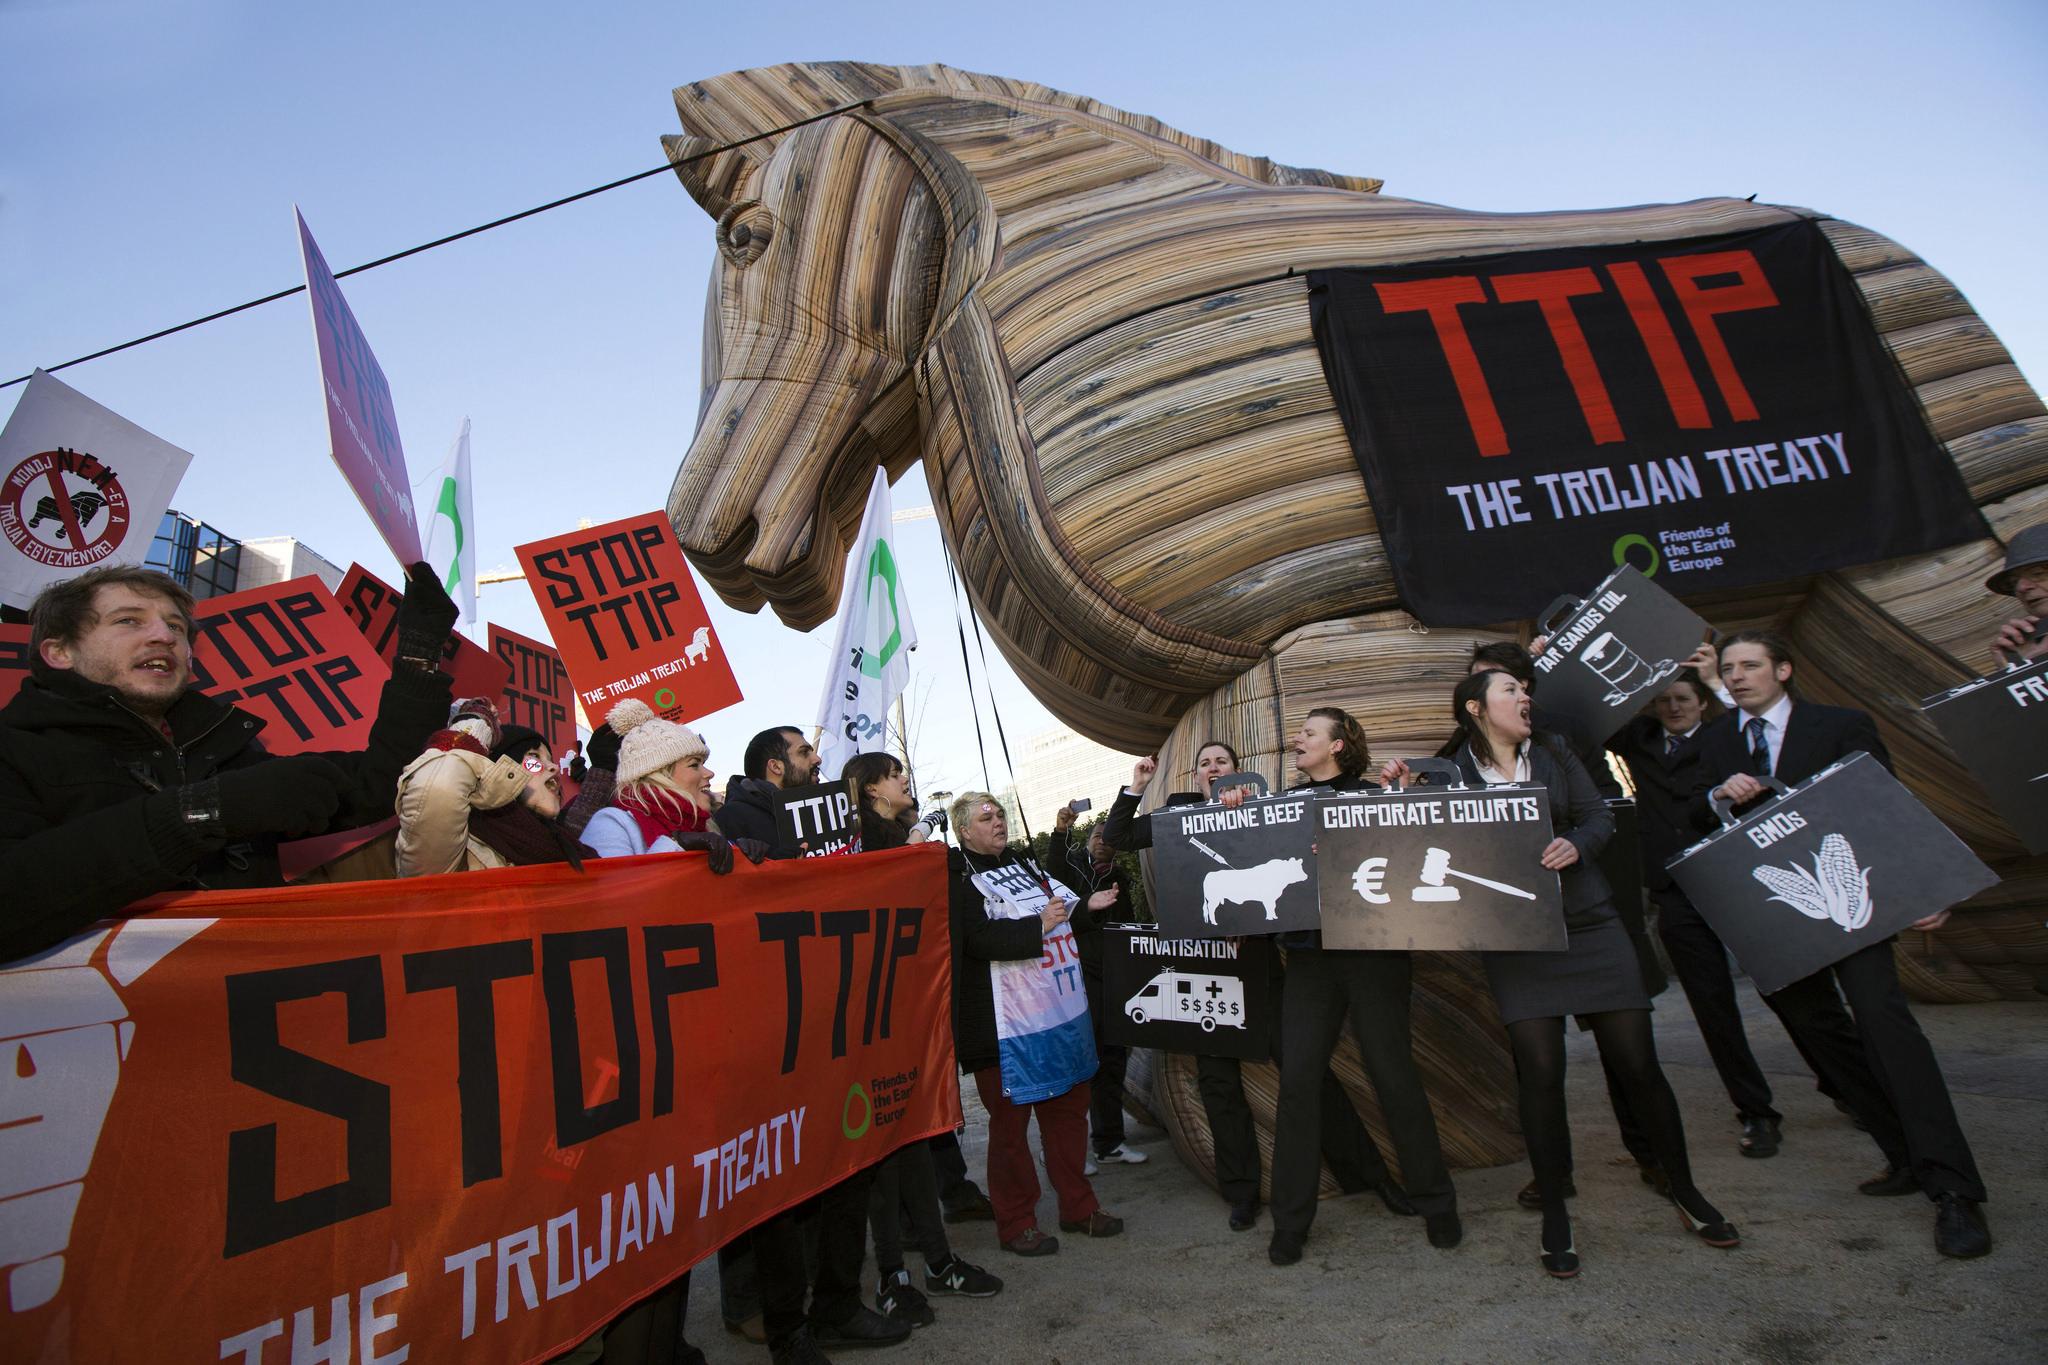 TTIP009